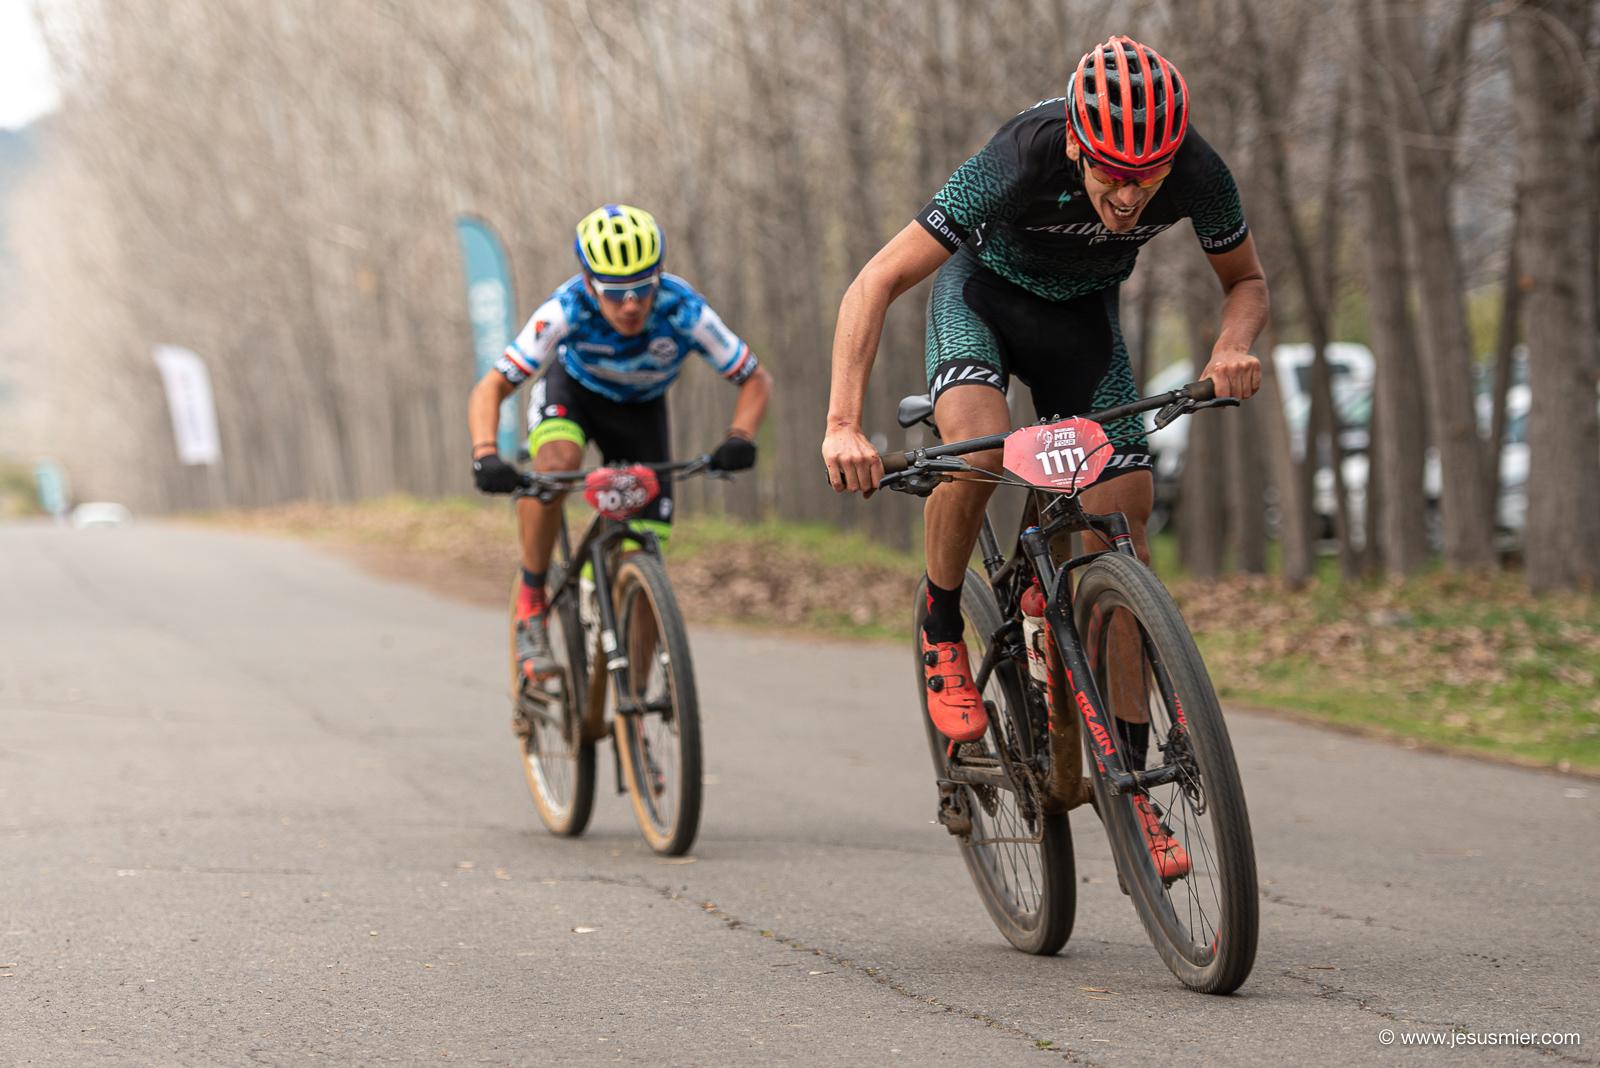 Pato Farias Diaz, Suzuki Mountainbike Tour 2019 - Picarquin. Foto: Jesus Mier